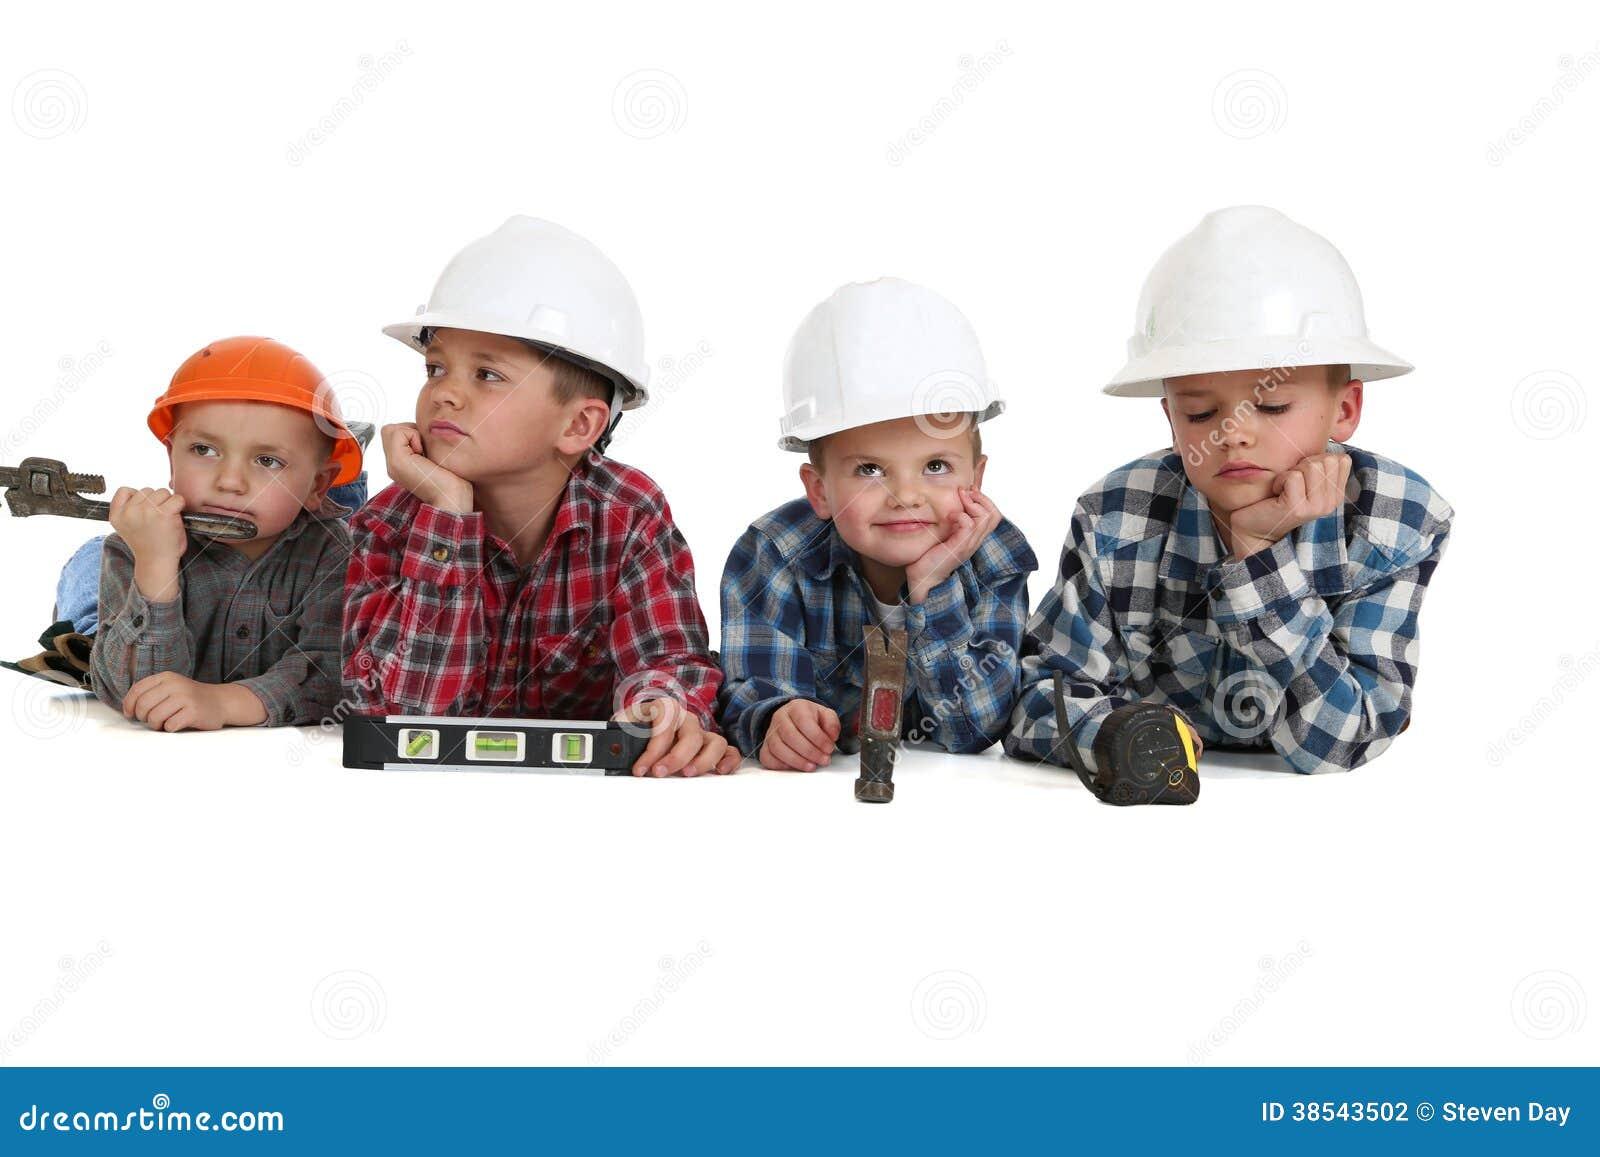 Chłopiec z narzędziami i hardhats na ich żołądkach